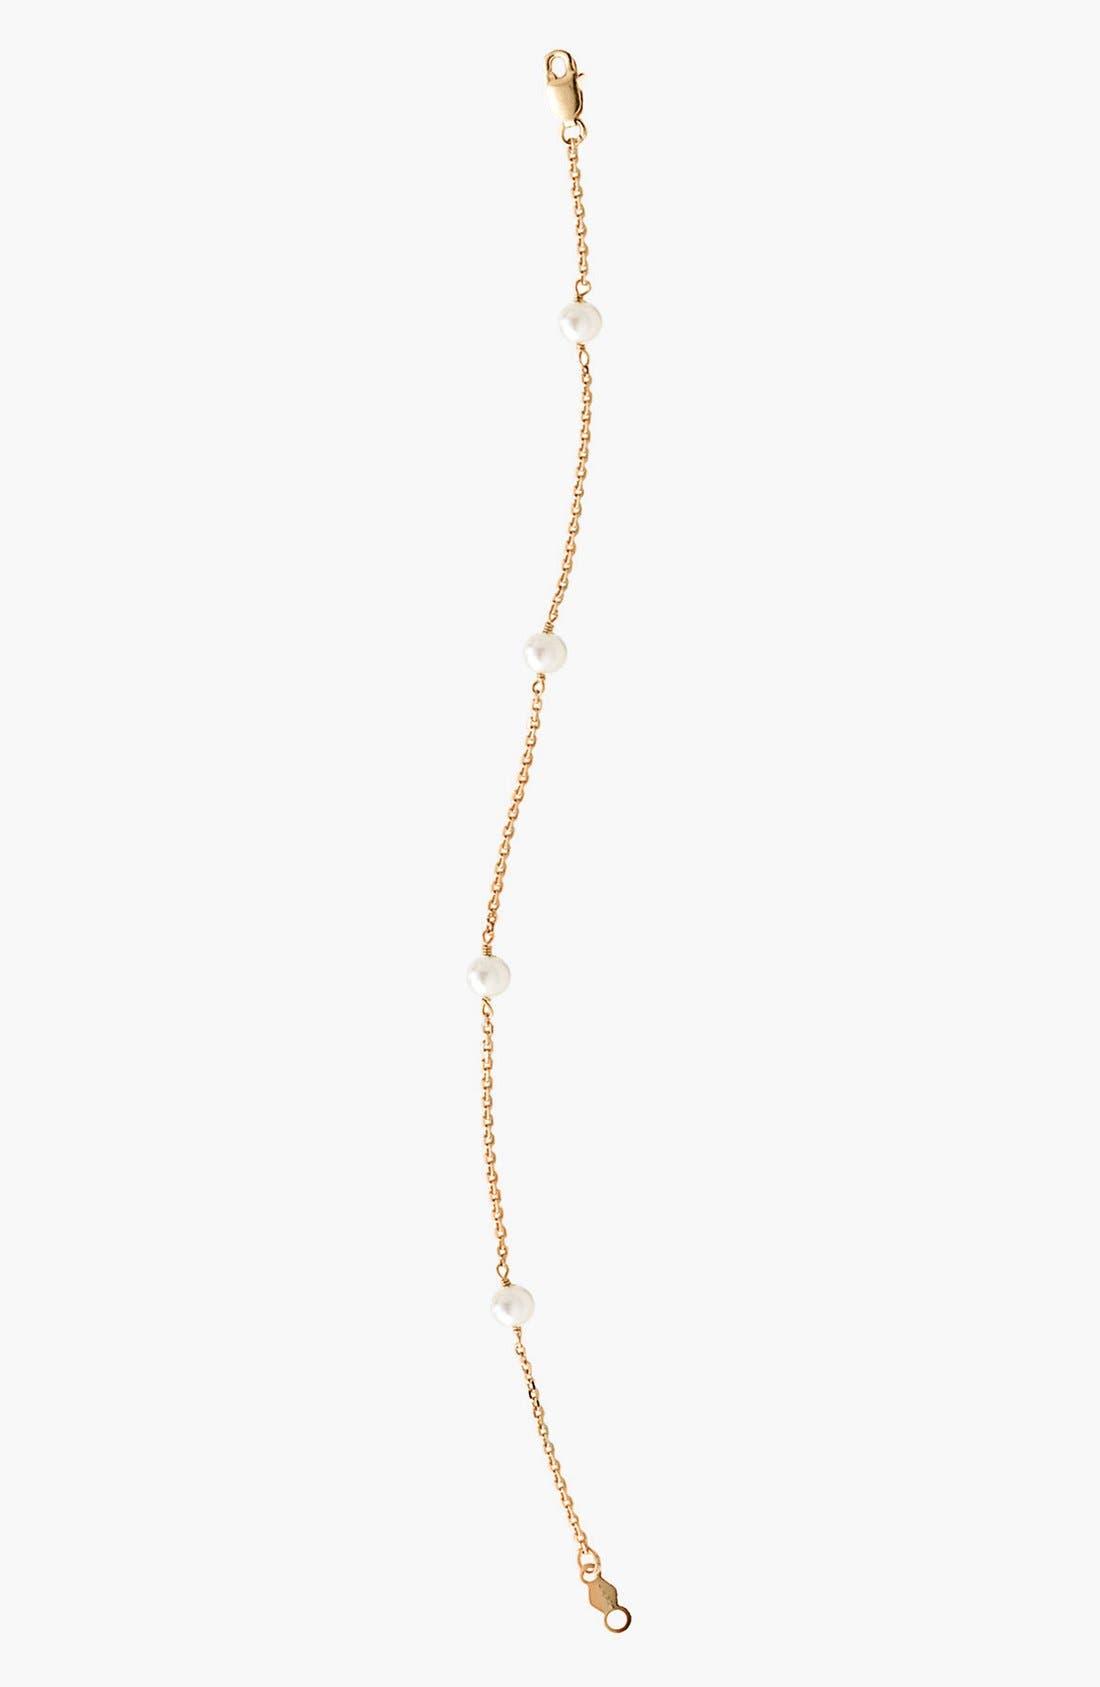 MIGNONETTE 14k Gold & Cultured Pearl Bracelet